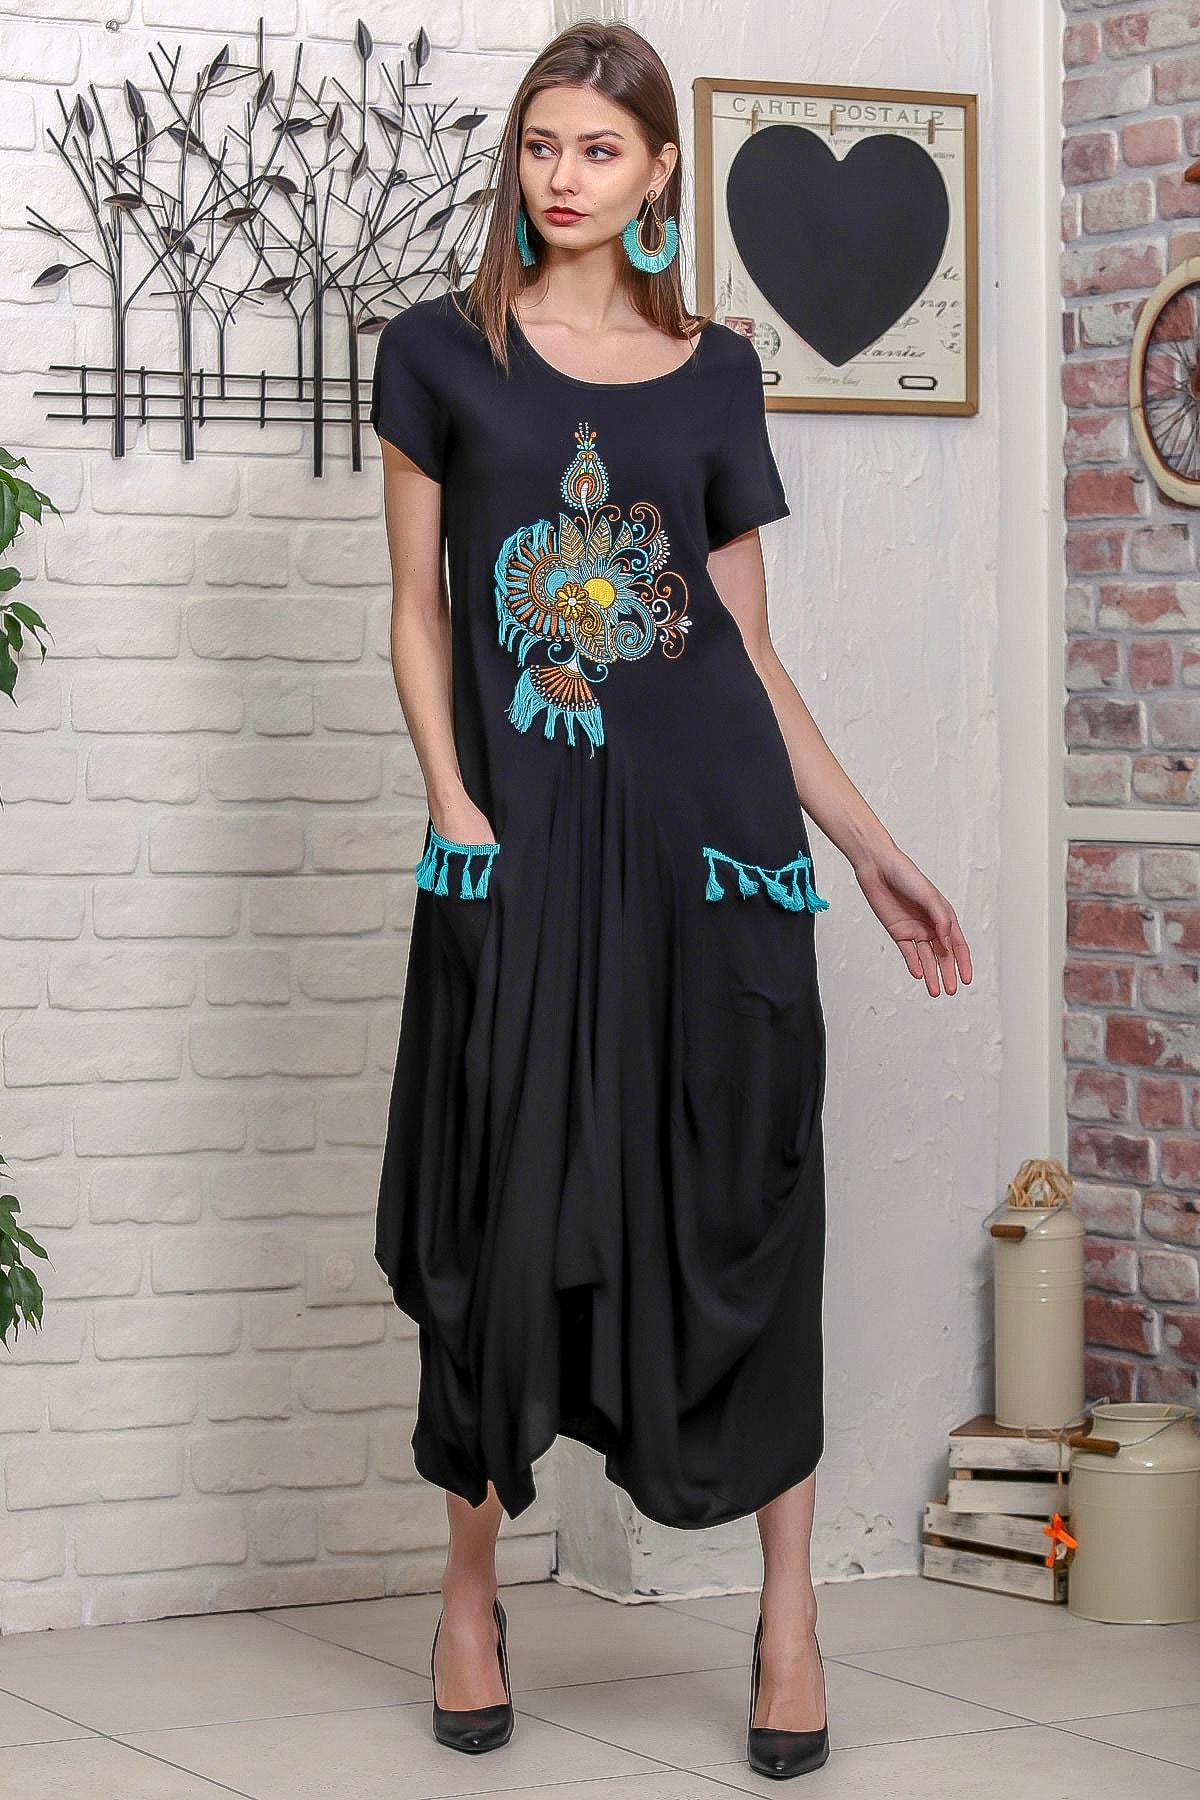 Chiccy Kadın Siyah Ottoman Yelpaze Nakışlı Cepleri Püsküllü Asimetrik Salaş Elbise 3